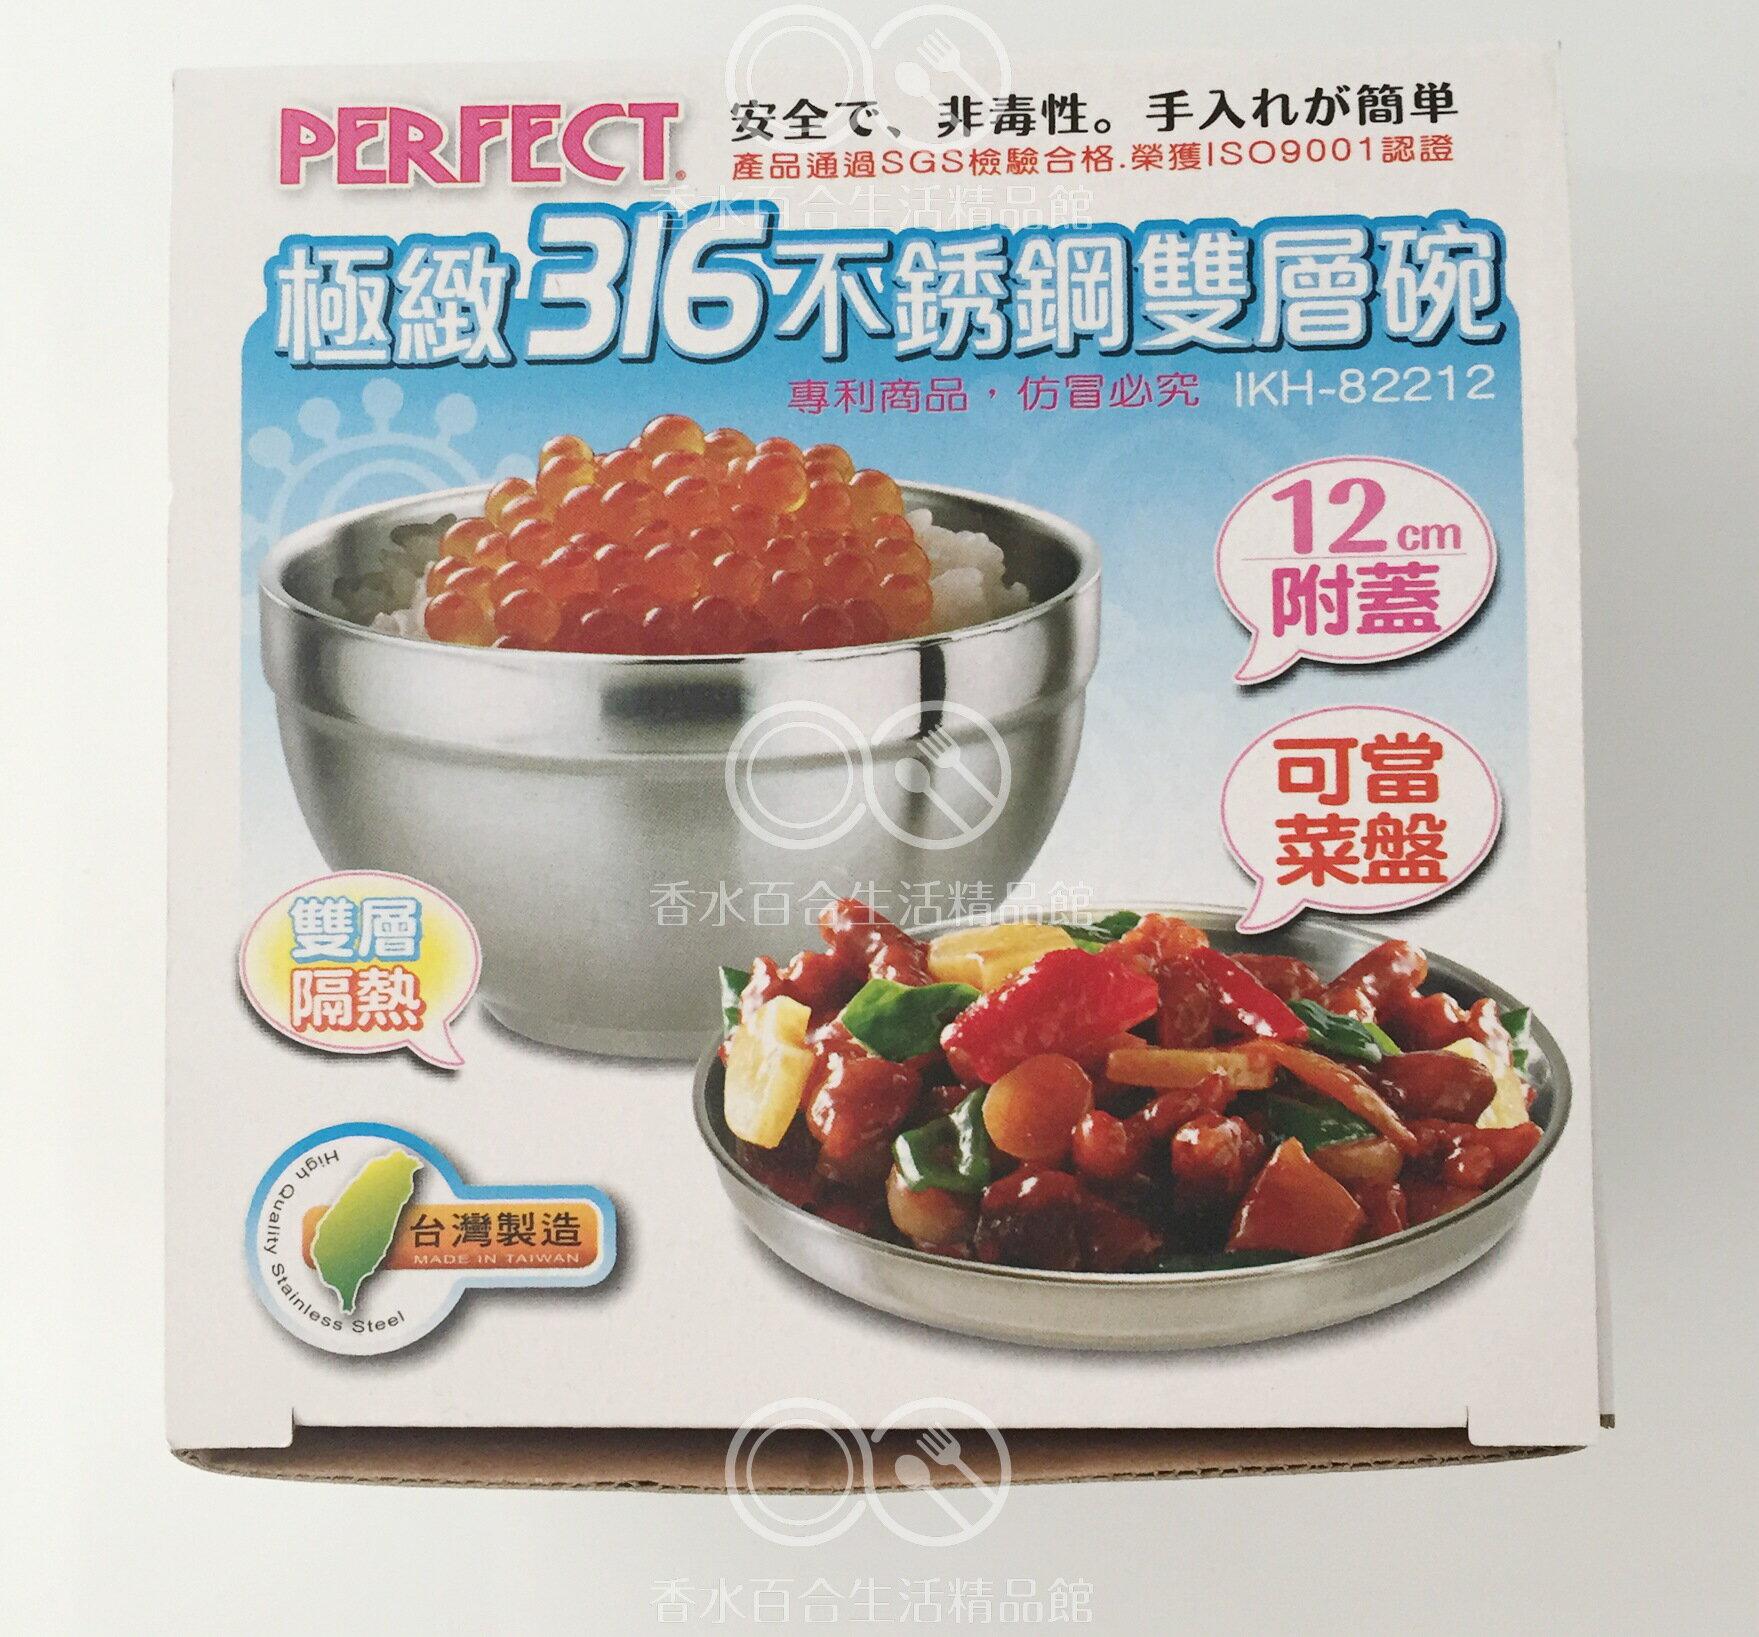 🌟現貨🌟PERFECT極緻316不鏽鋼雙層碗12cm 14cm 16cm 附蓋 理想隔熱碗 316不銹鋼飯碗 理想雙層碗 理想飯碗